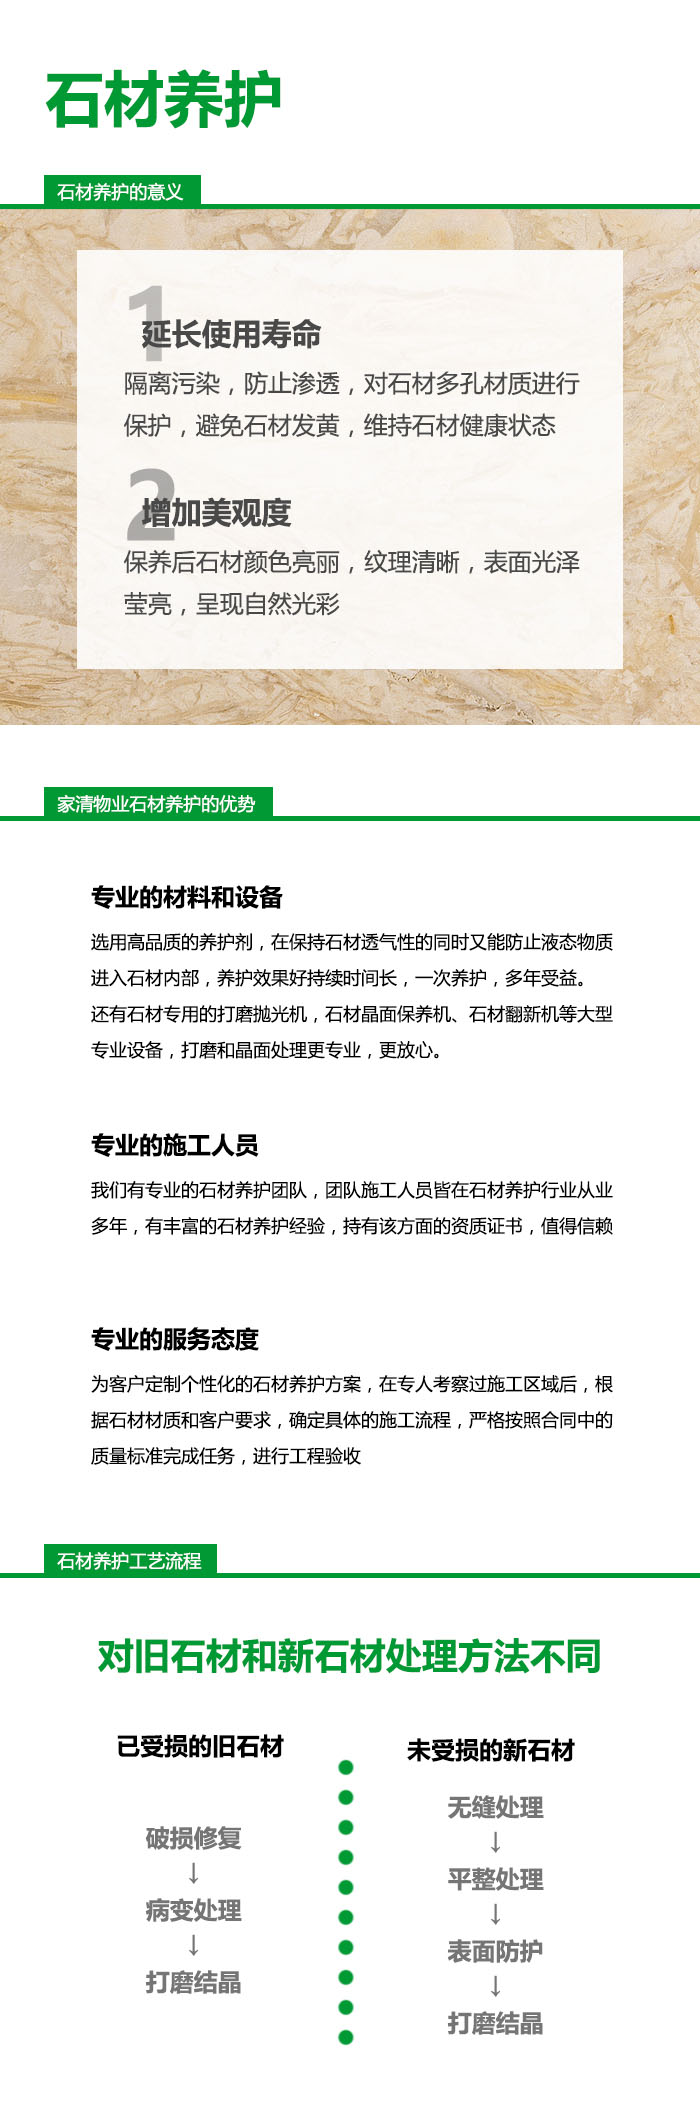 石材养护服务|石材大理石-武汉家清物业管理有限公司